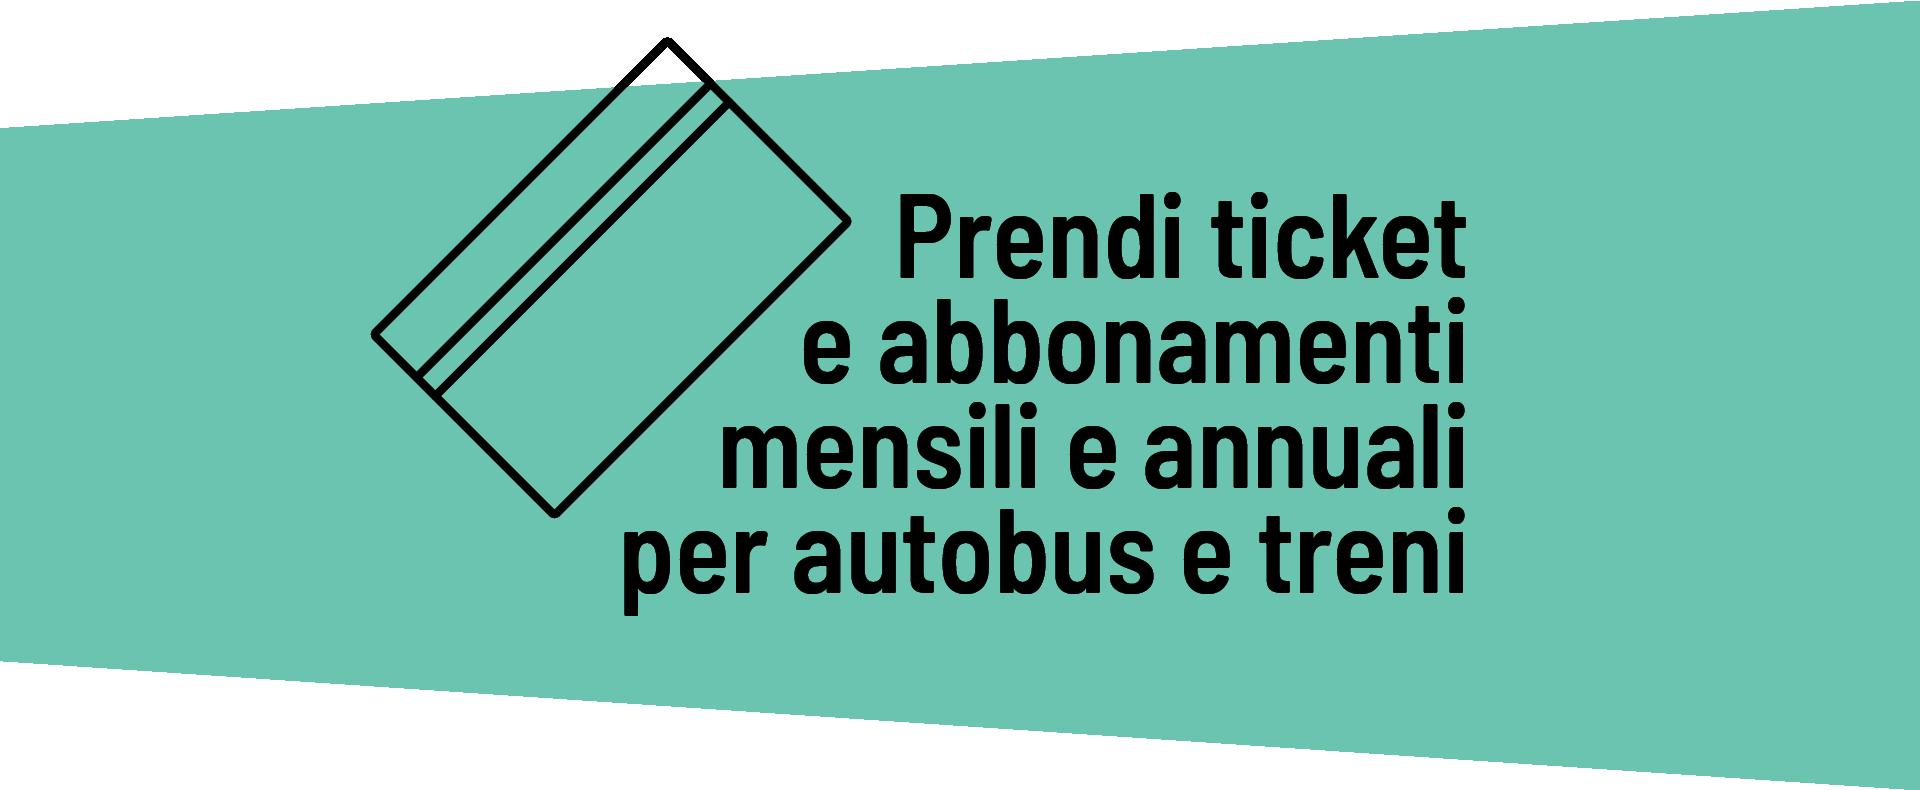 Roger - Prendi ticket e abbonamenti mensili e annuali per autobus e treni